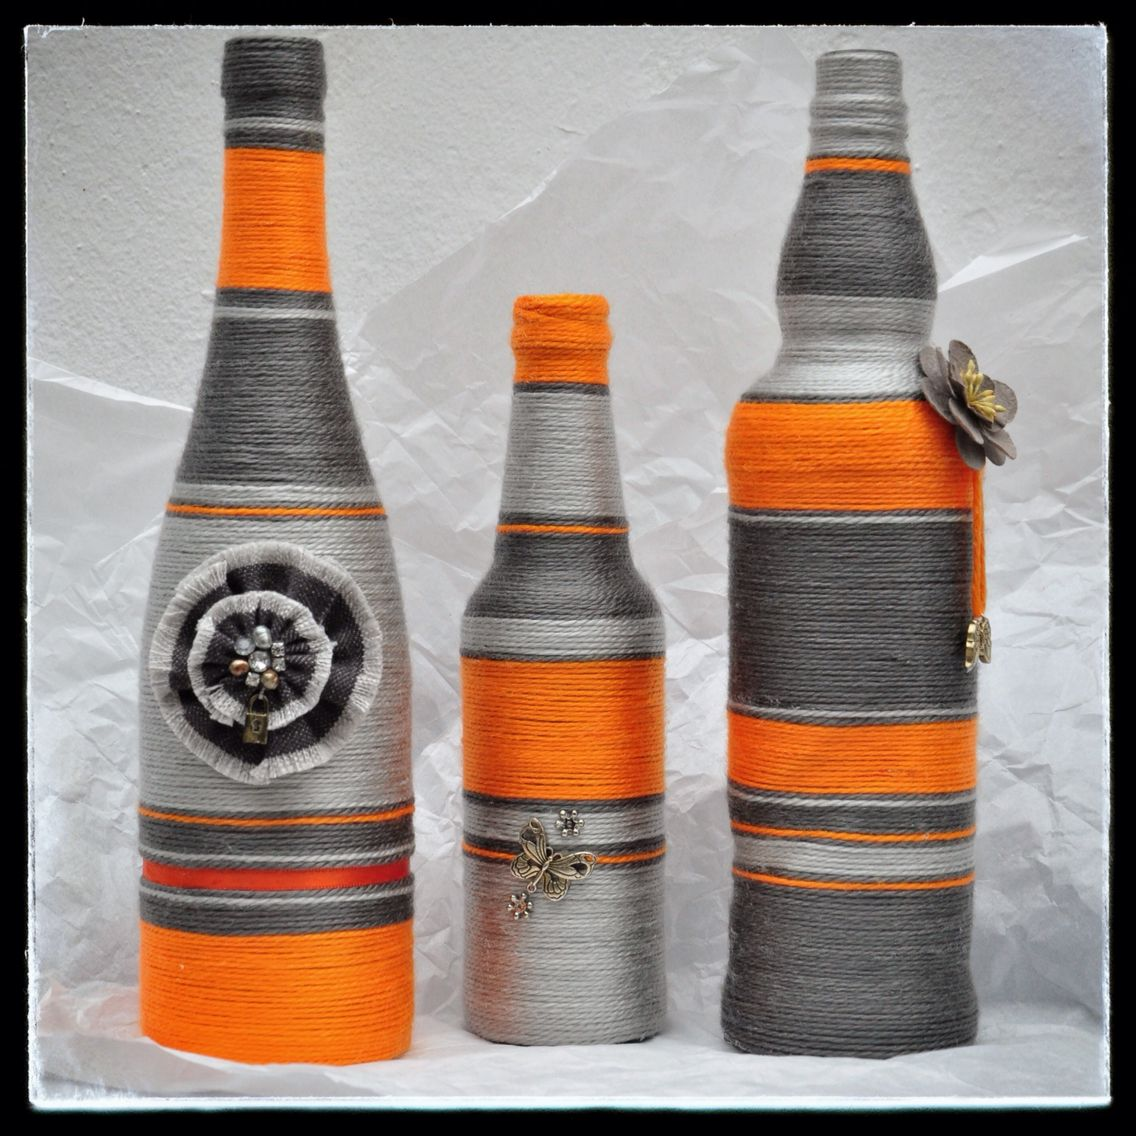 Orange and grey set artistik crafts pinterest serviettentechnik flaschen und glas - Groayes glas weihnachtlich dekorieren ...